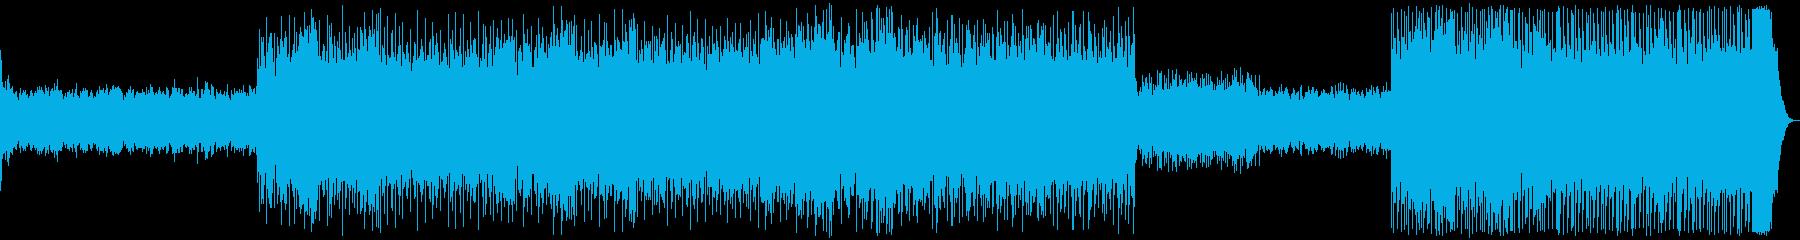 無機質な時が流れる妖艶なテクノの再生済みの波形